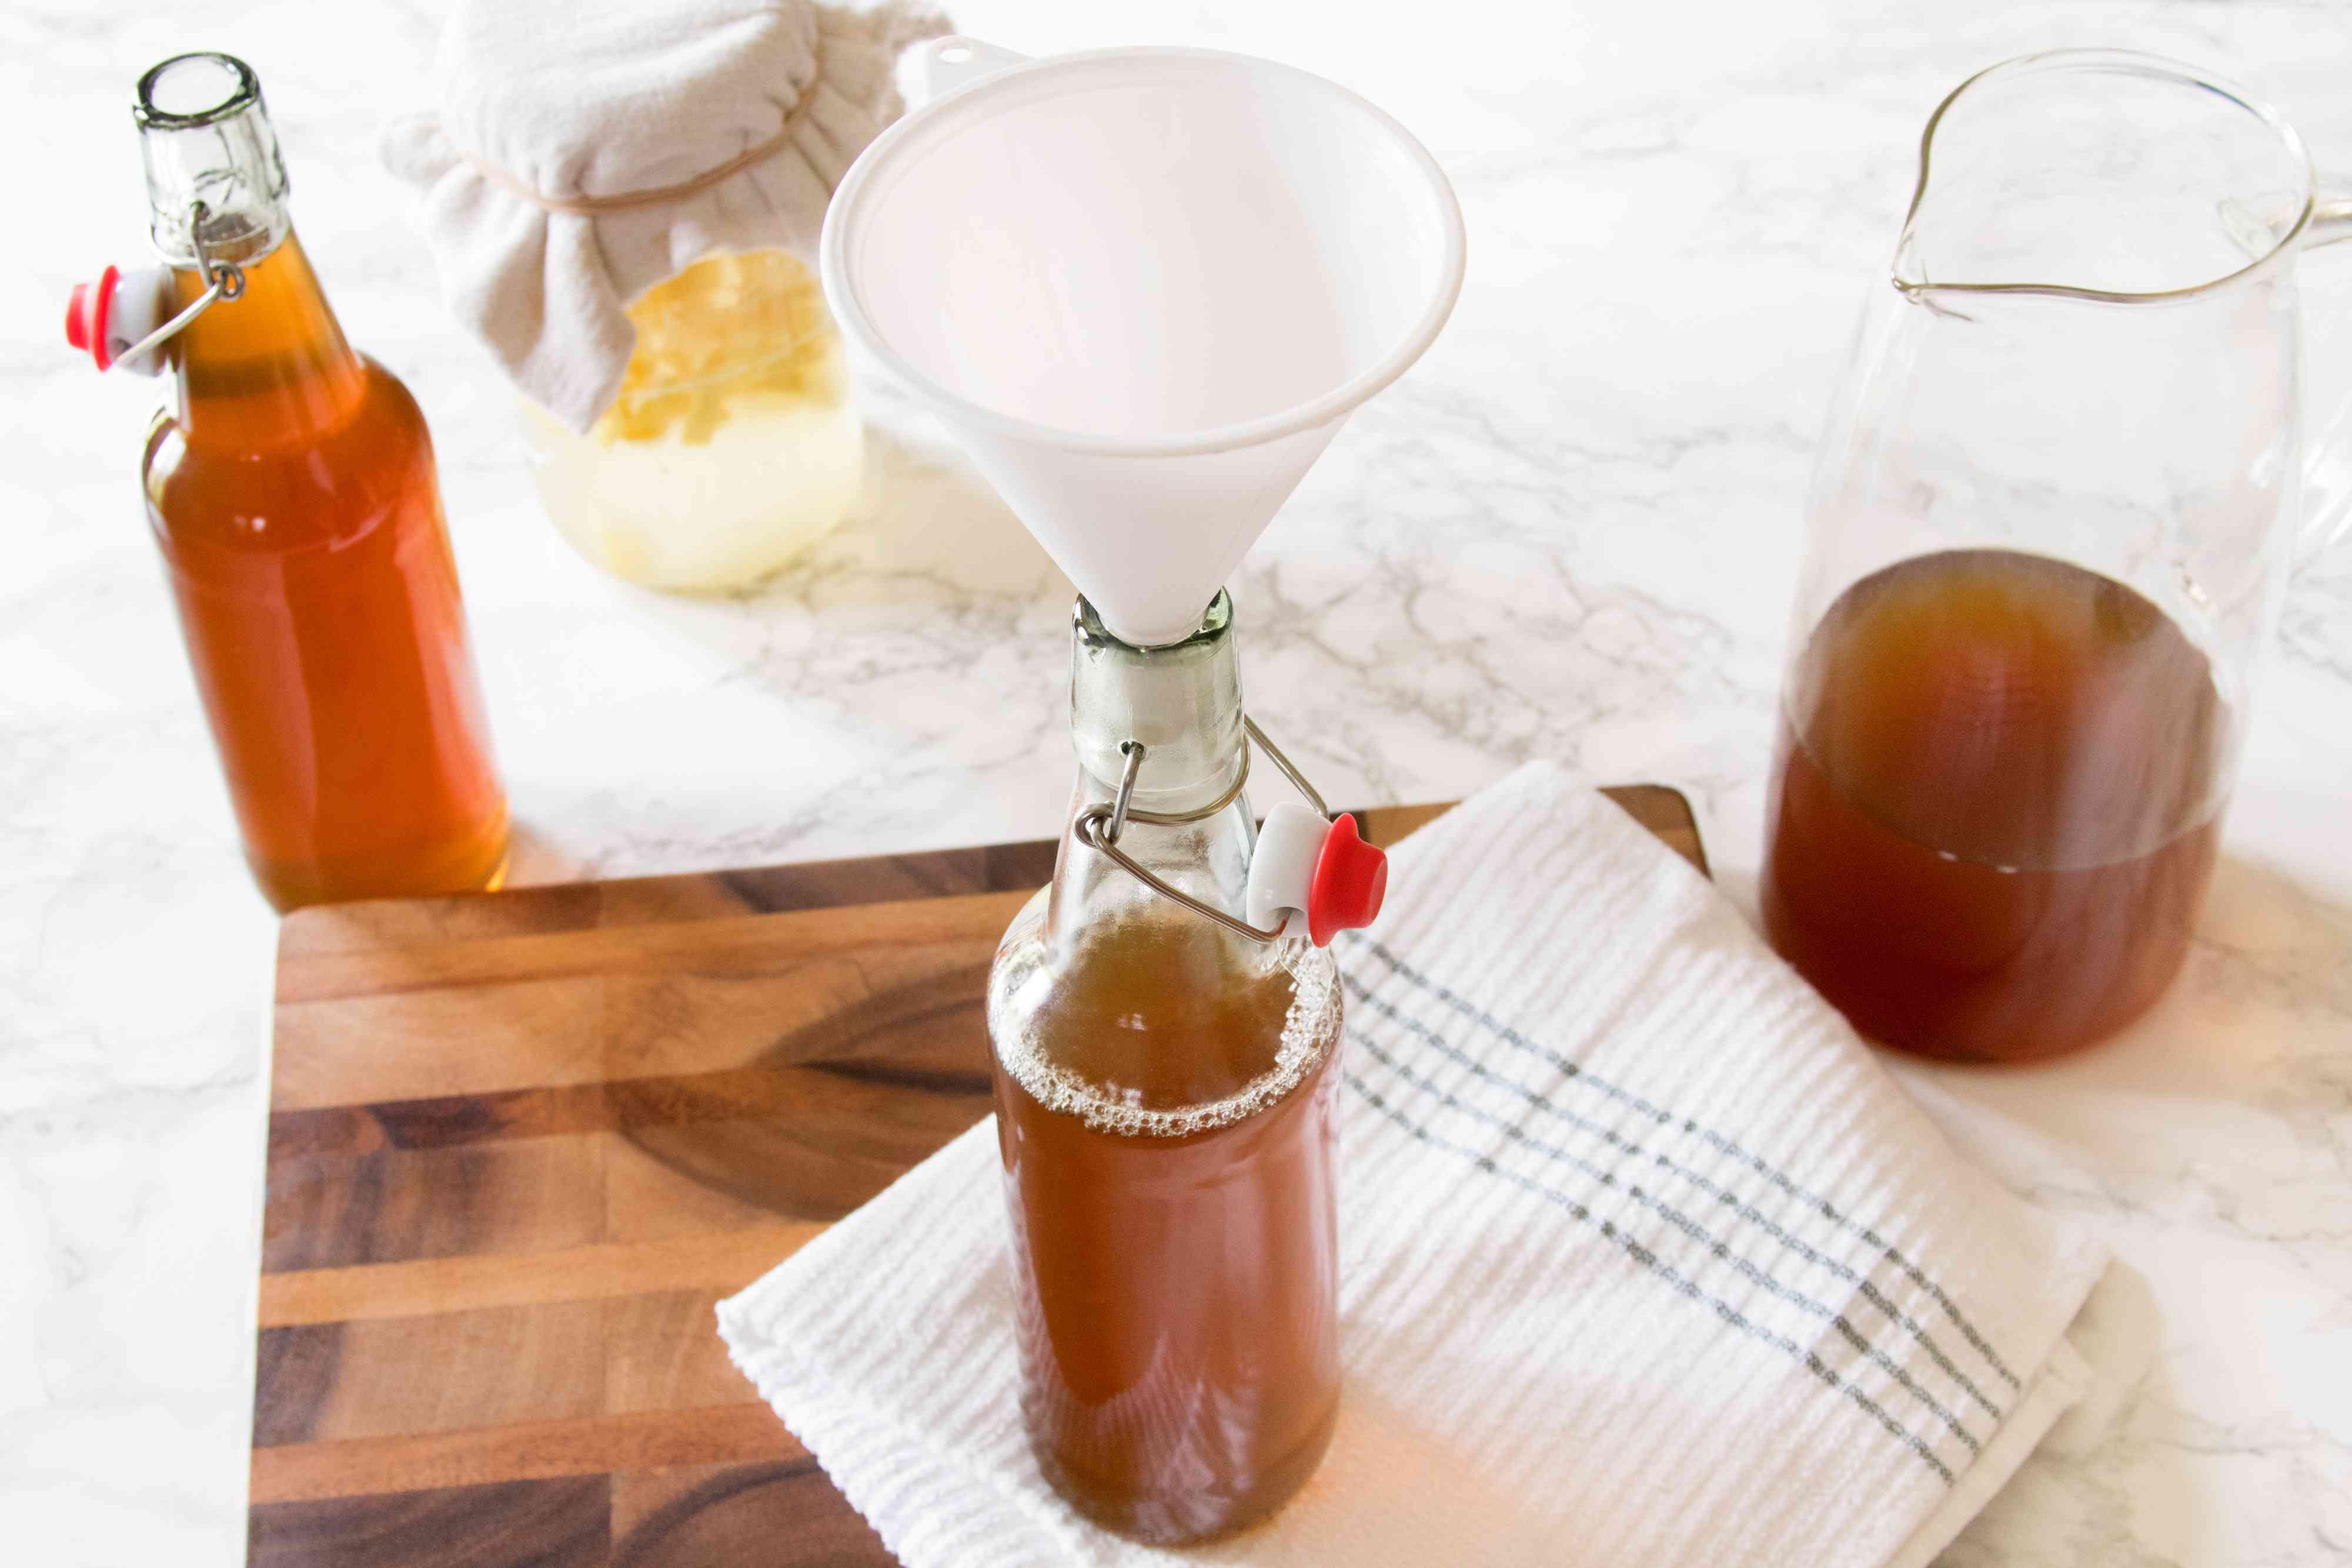 Bottling Ginger Bug-Fermented Soda